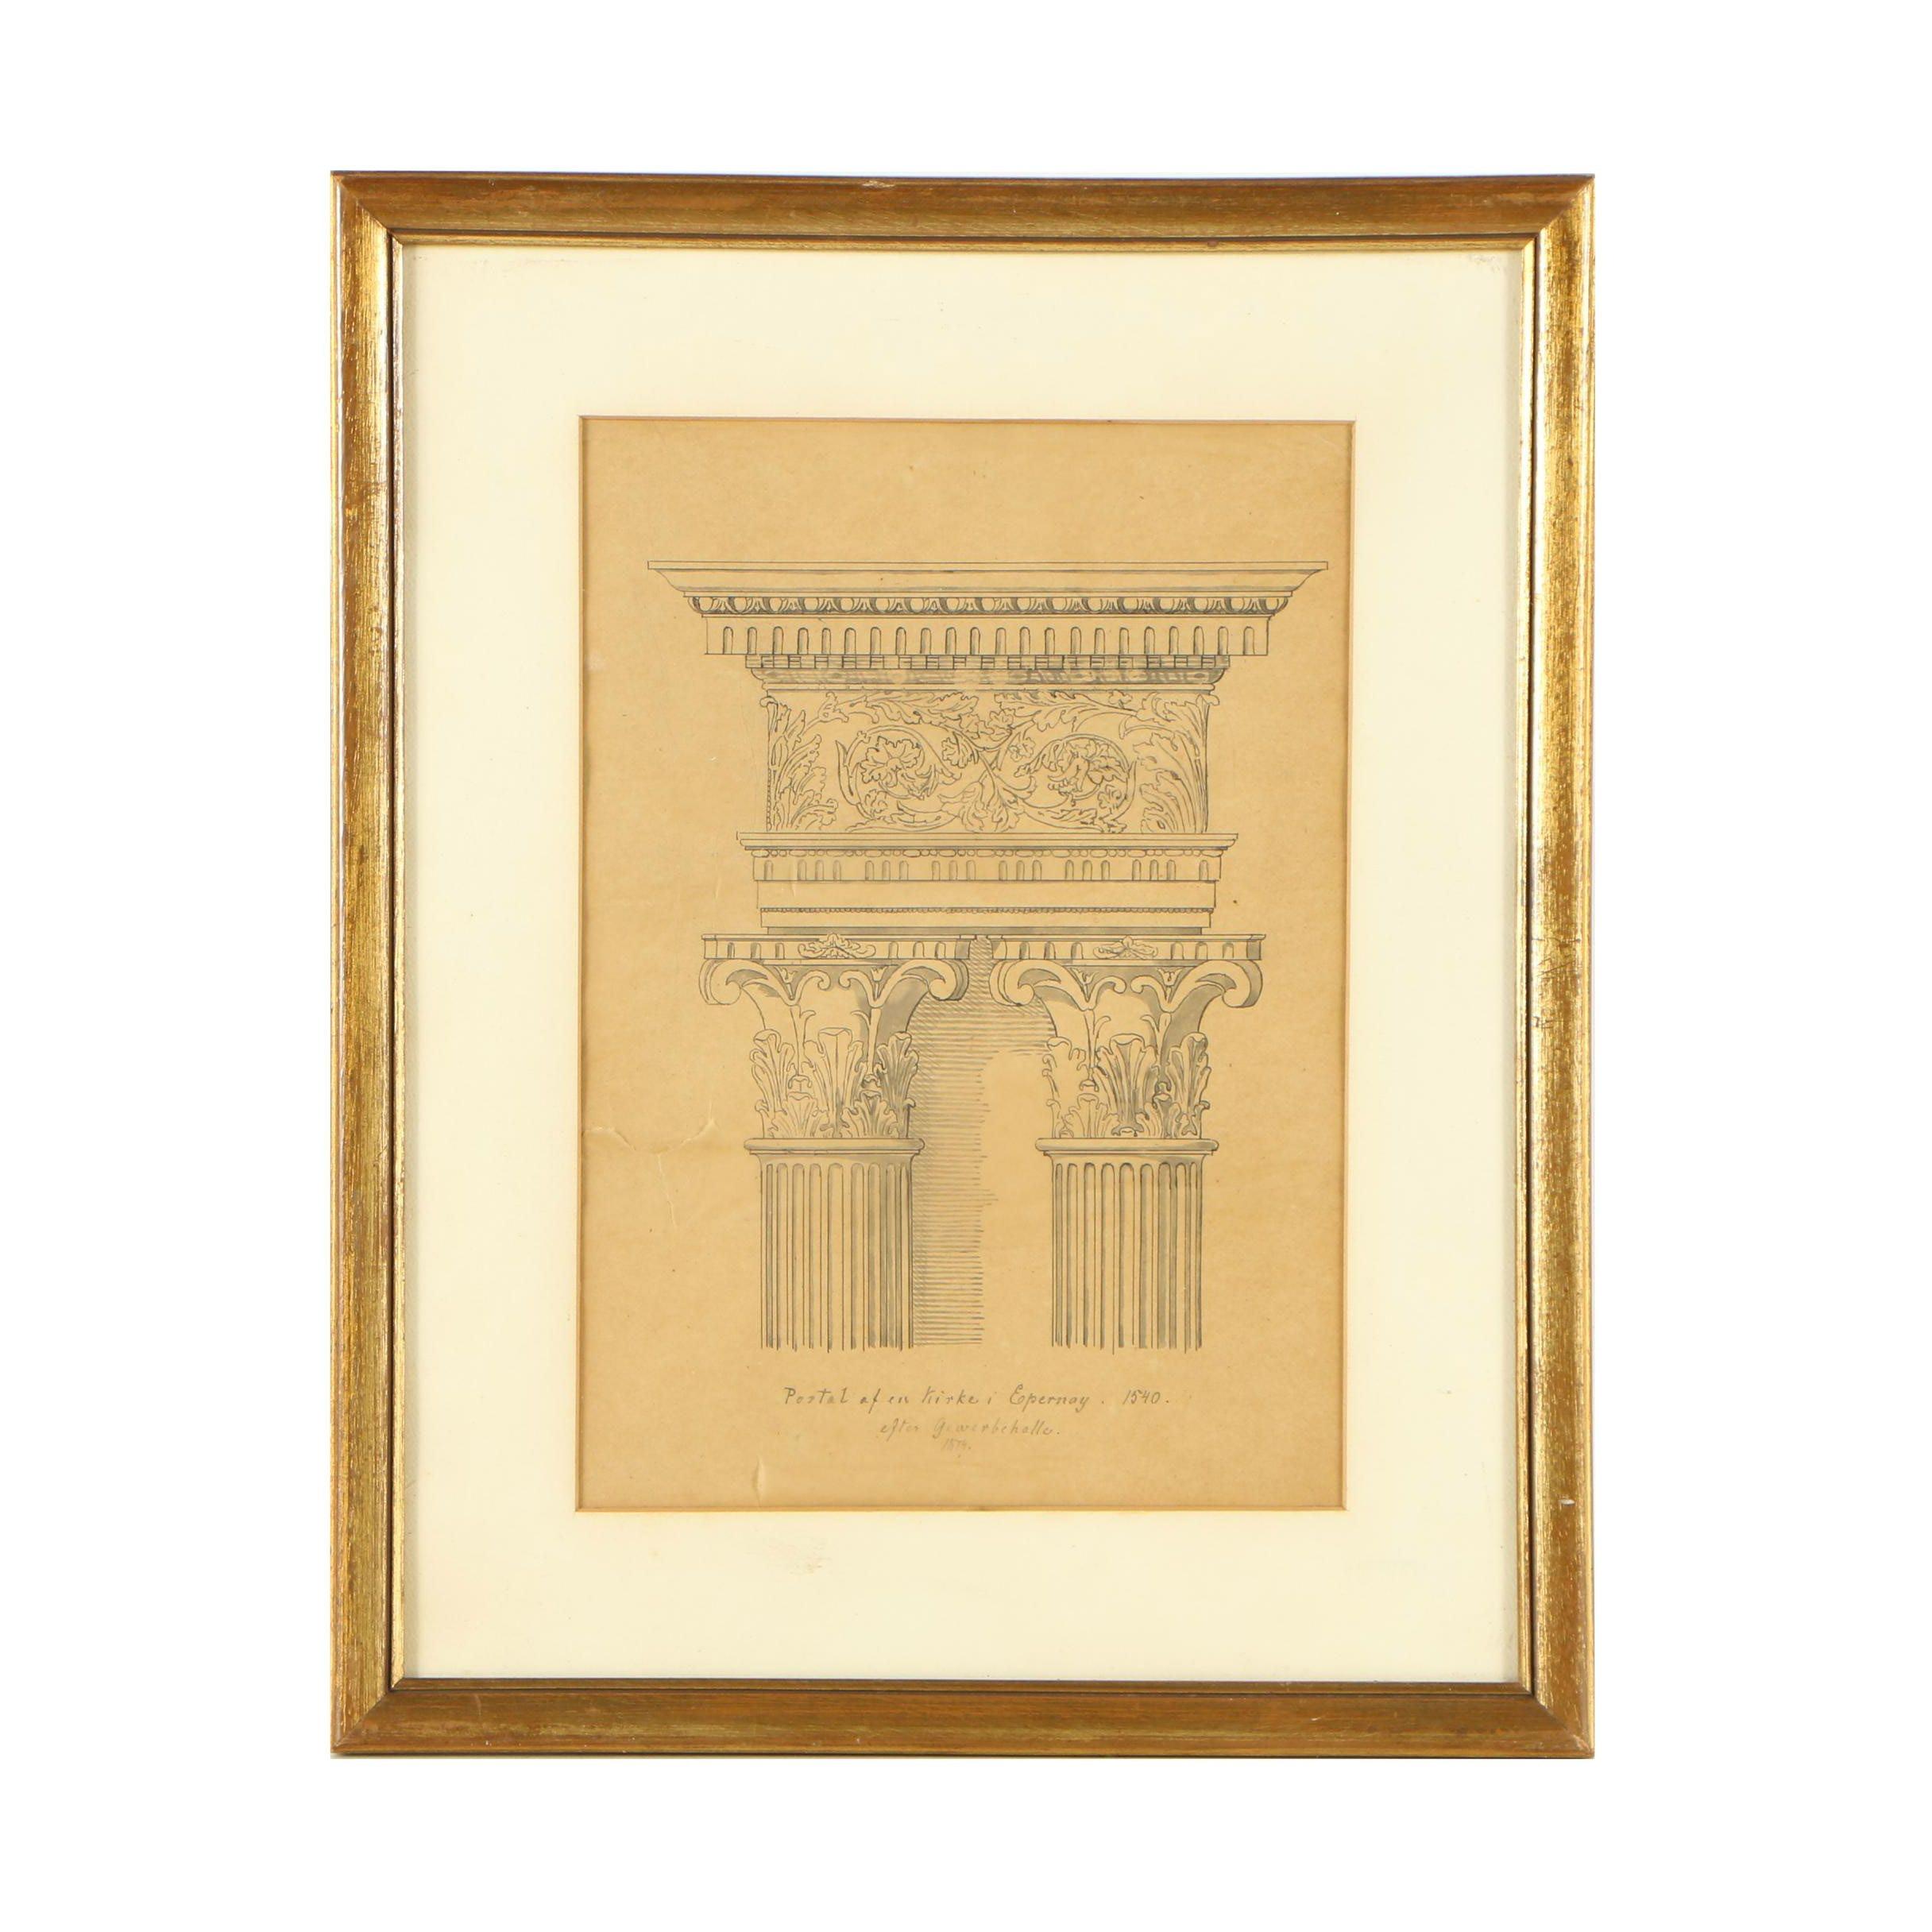 """Antique Ink Architectural Drawing """"Portal af en Kirke i Epernay. 1540."""""""